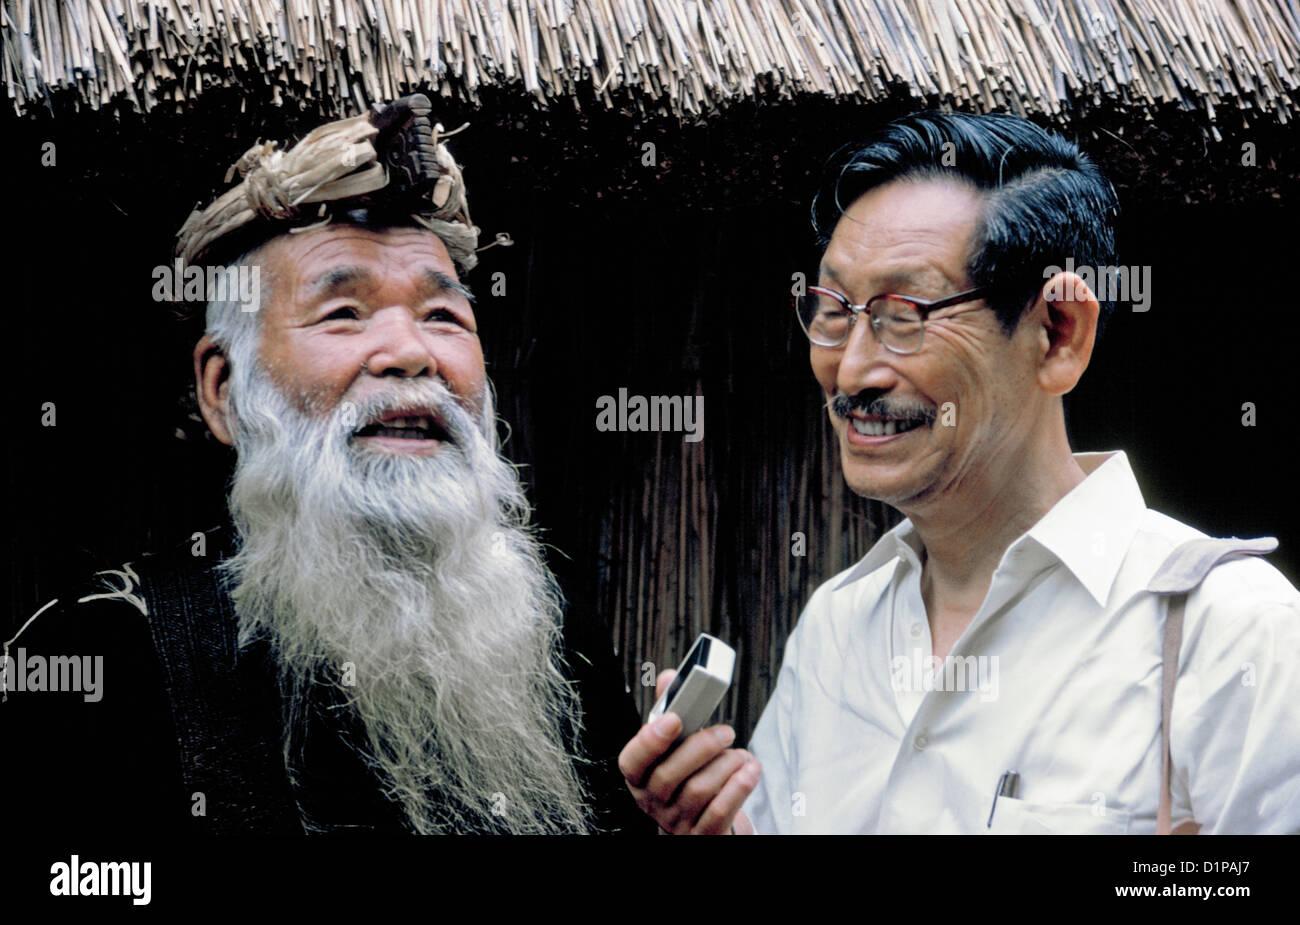 Lingüista japonés Prof. Kyosuke cinta Kindaichi registra las historias de un barbudo jefe del pueblo Ainu Imagen De Stock